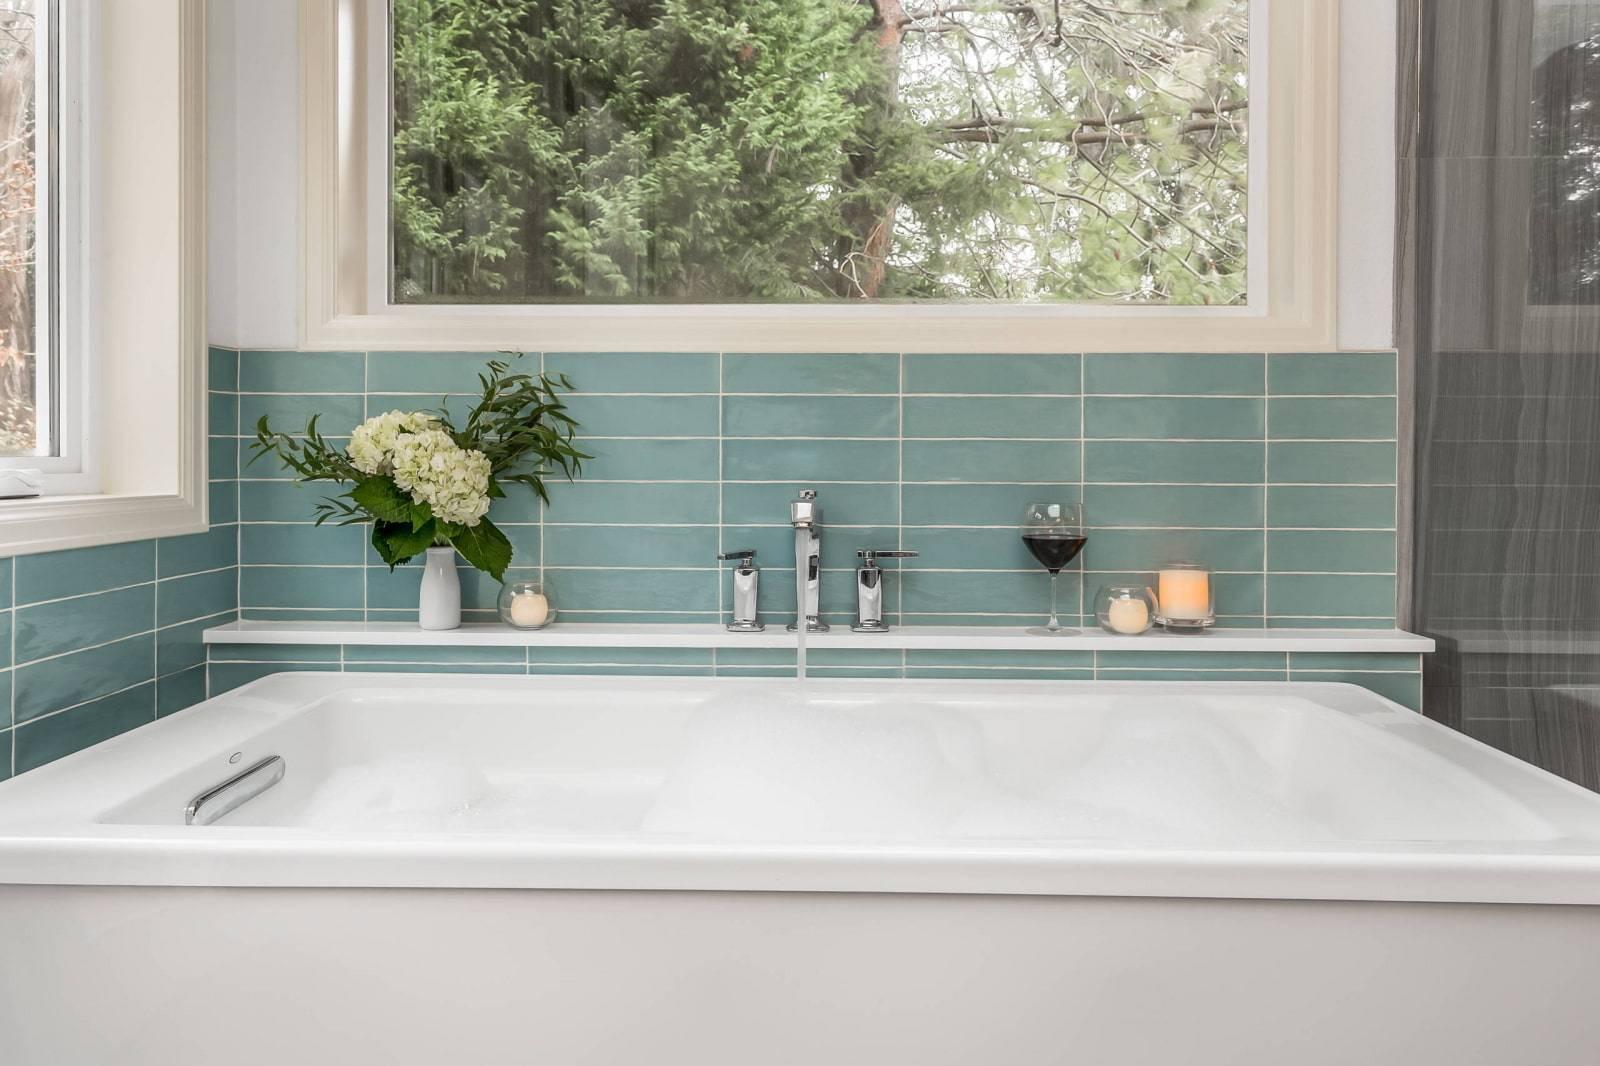 Угловая полка для ванной – из какого материала лучше? + видео / vantazer.ru – информационный портал о ремонте, отделке и обустройстве ванных комнат